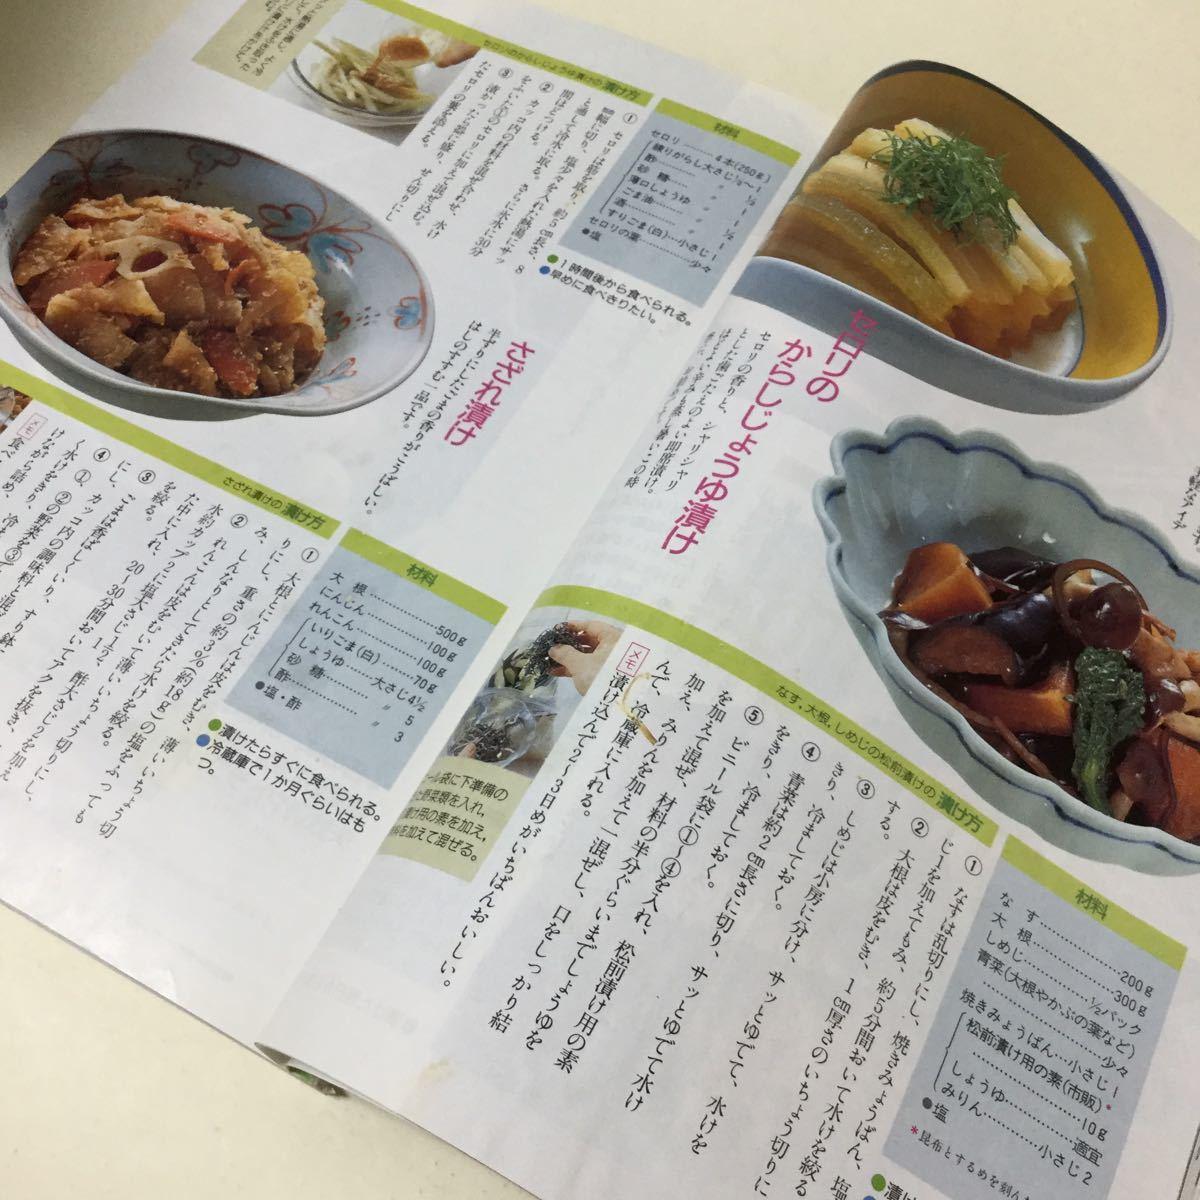 31 NHKきょうの料理 1991年6月号 料理本 料理 クッキング 弁当 夜ご飯 お弁当 おかず 作り置き レシピ レシピ本 漬物 和食 _画像6